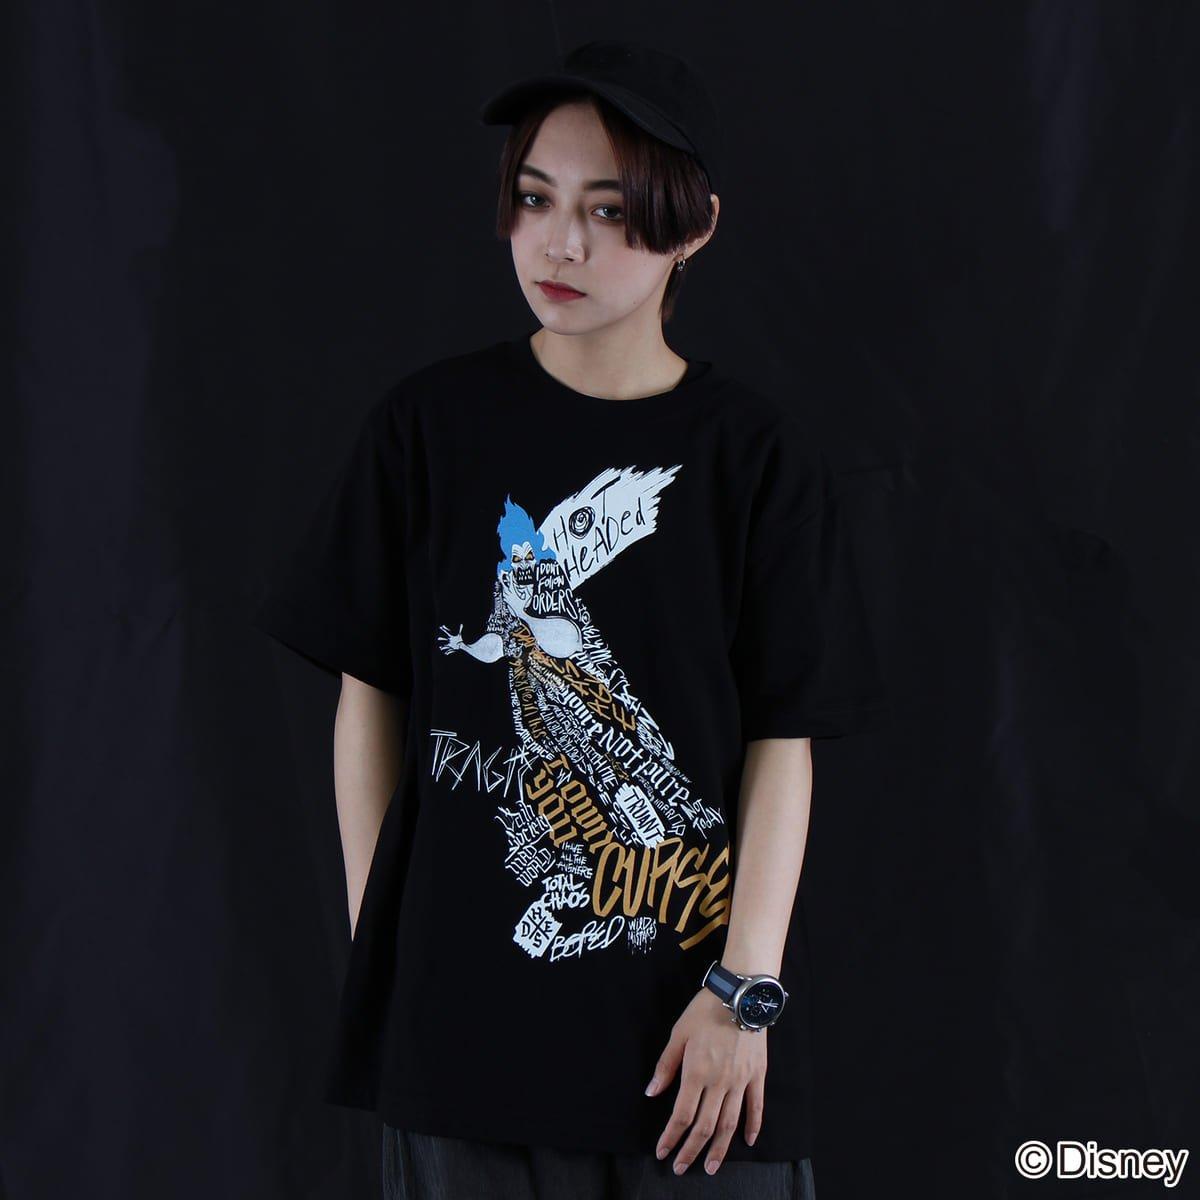 【ディズニー/ヘラクレス】ハデス/グラフィックTシャツ2